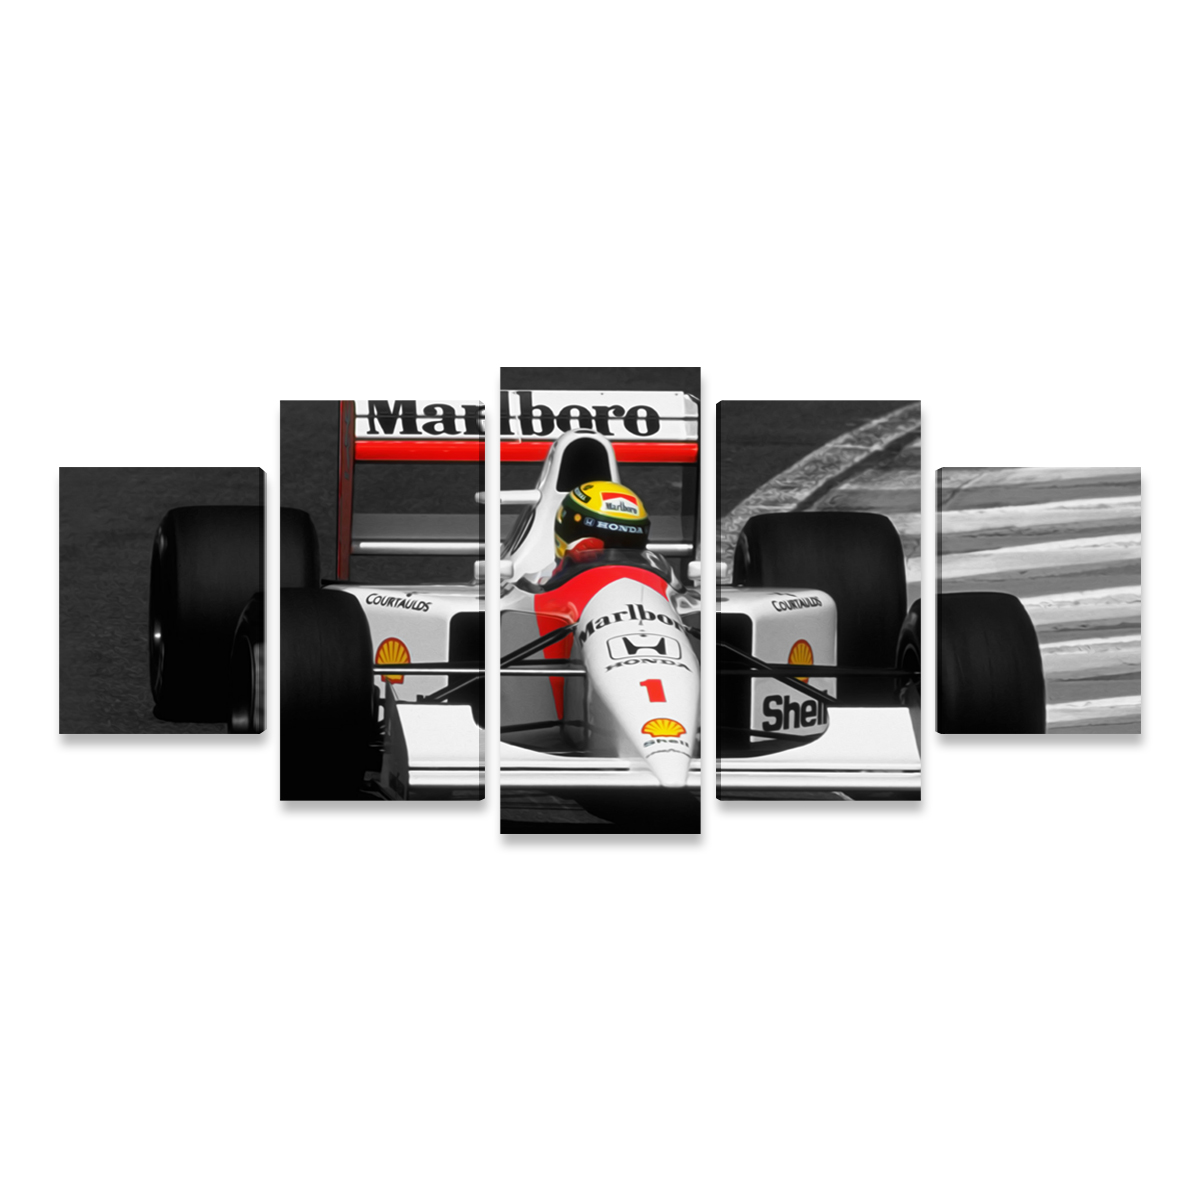 8a73885a5 Quadro Ayrton Senna Grande Fórmula 1 McLaren Mosaico GRD ...